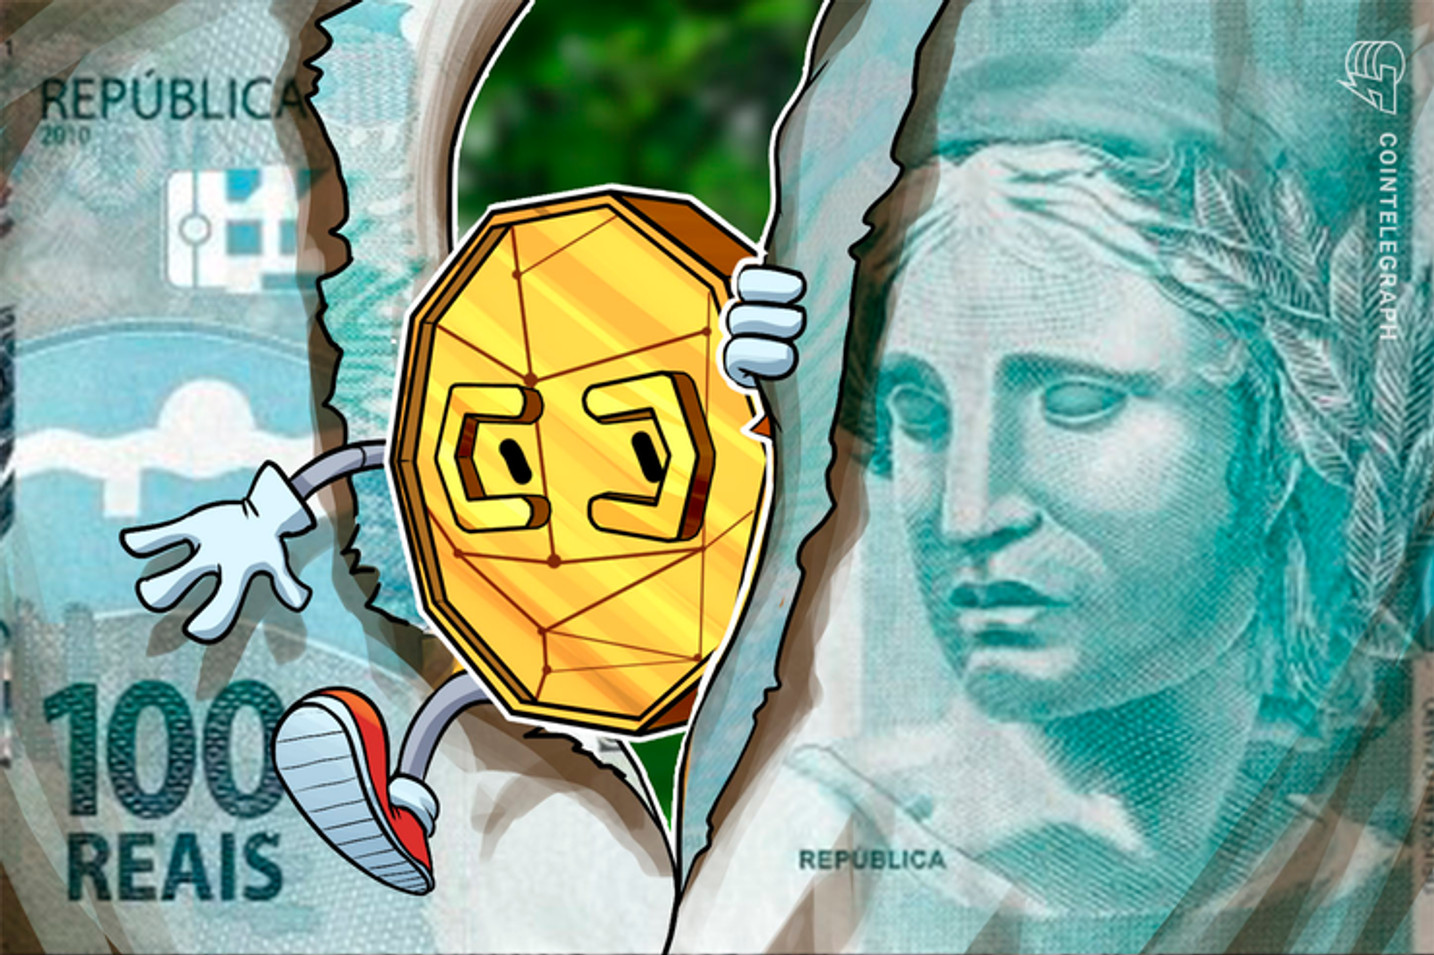 Ex-Mercado Bitcoin, Rodrigo Batista anuncia criptomoeda lastreada em reais construída em Ethereum e Stellar